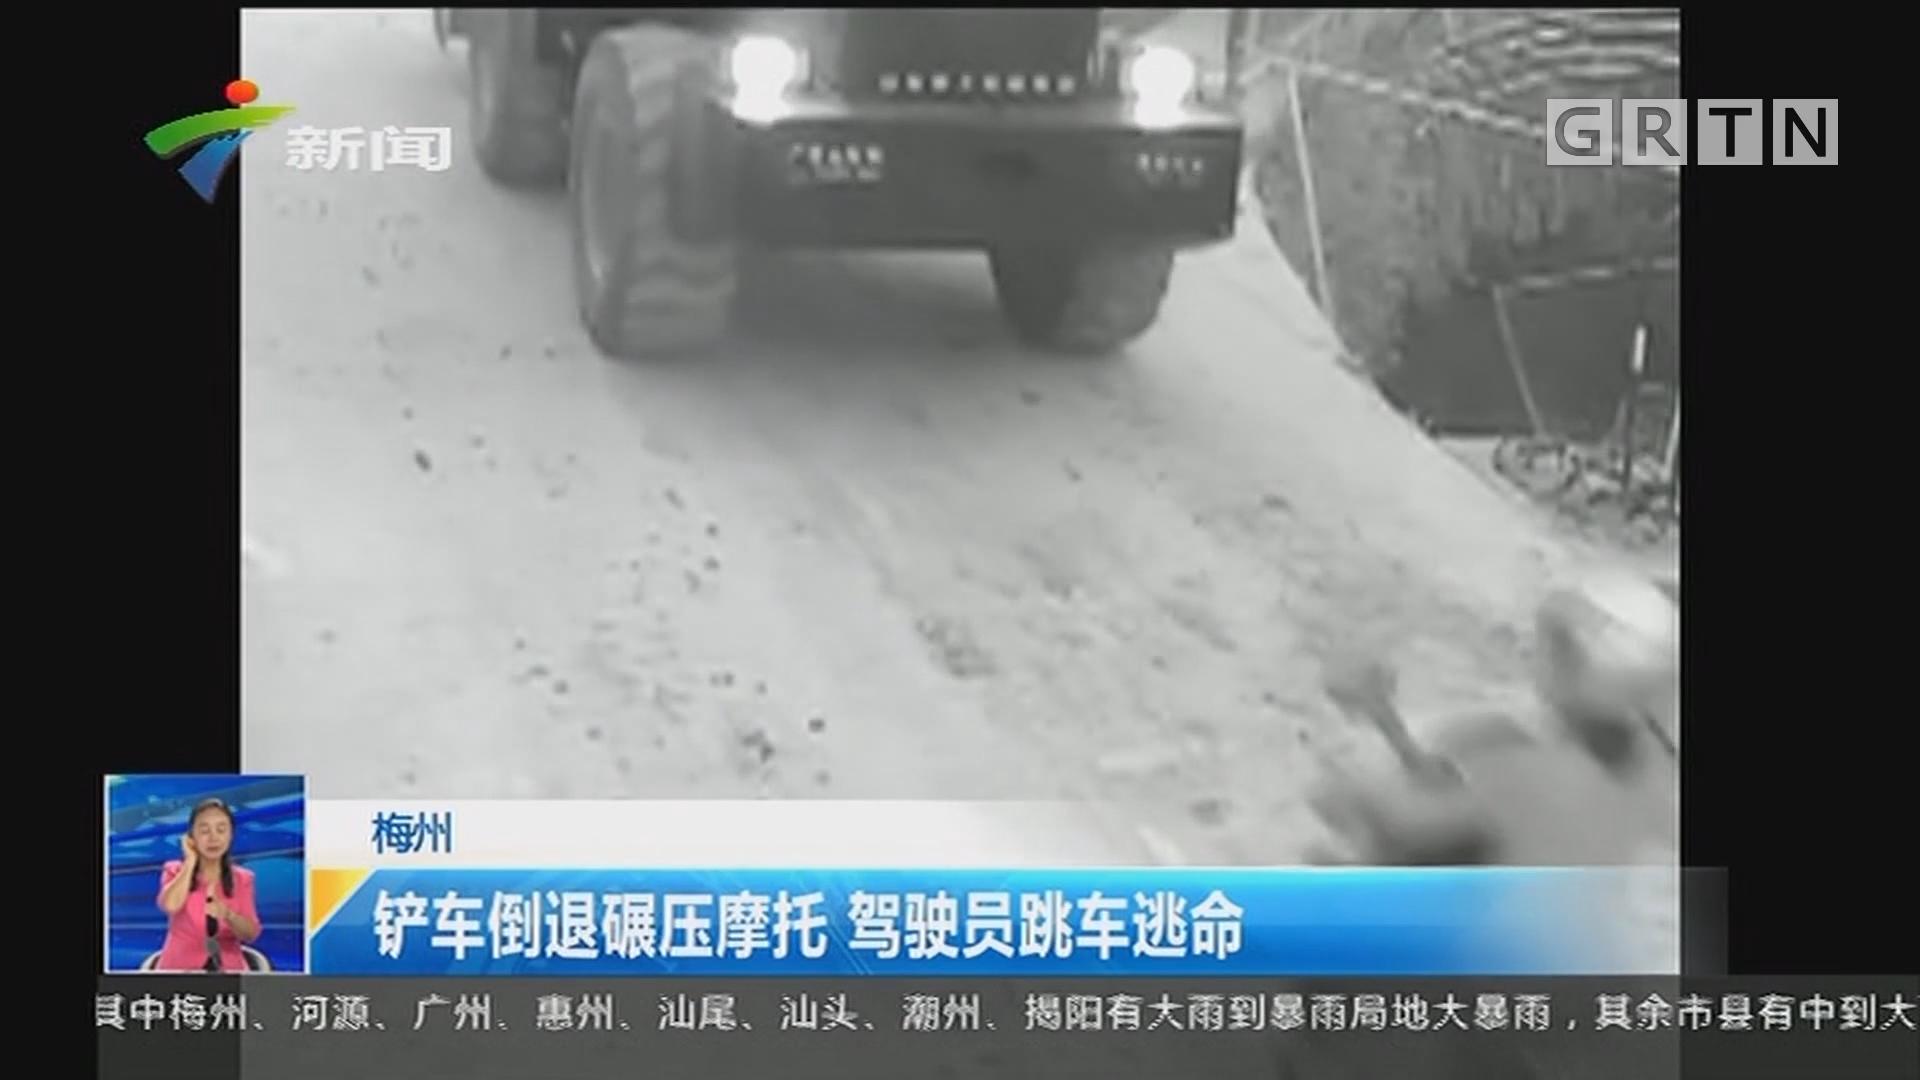 梅州:铲车倒退碾压摩托 驾驶员跳车逃命